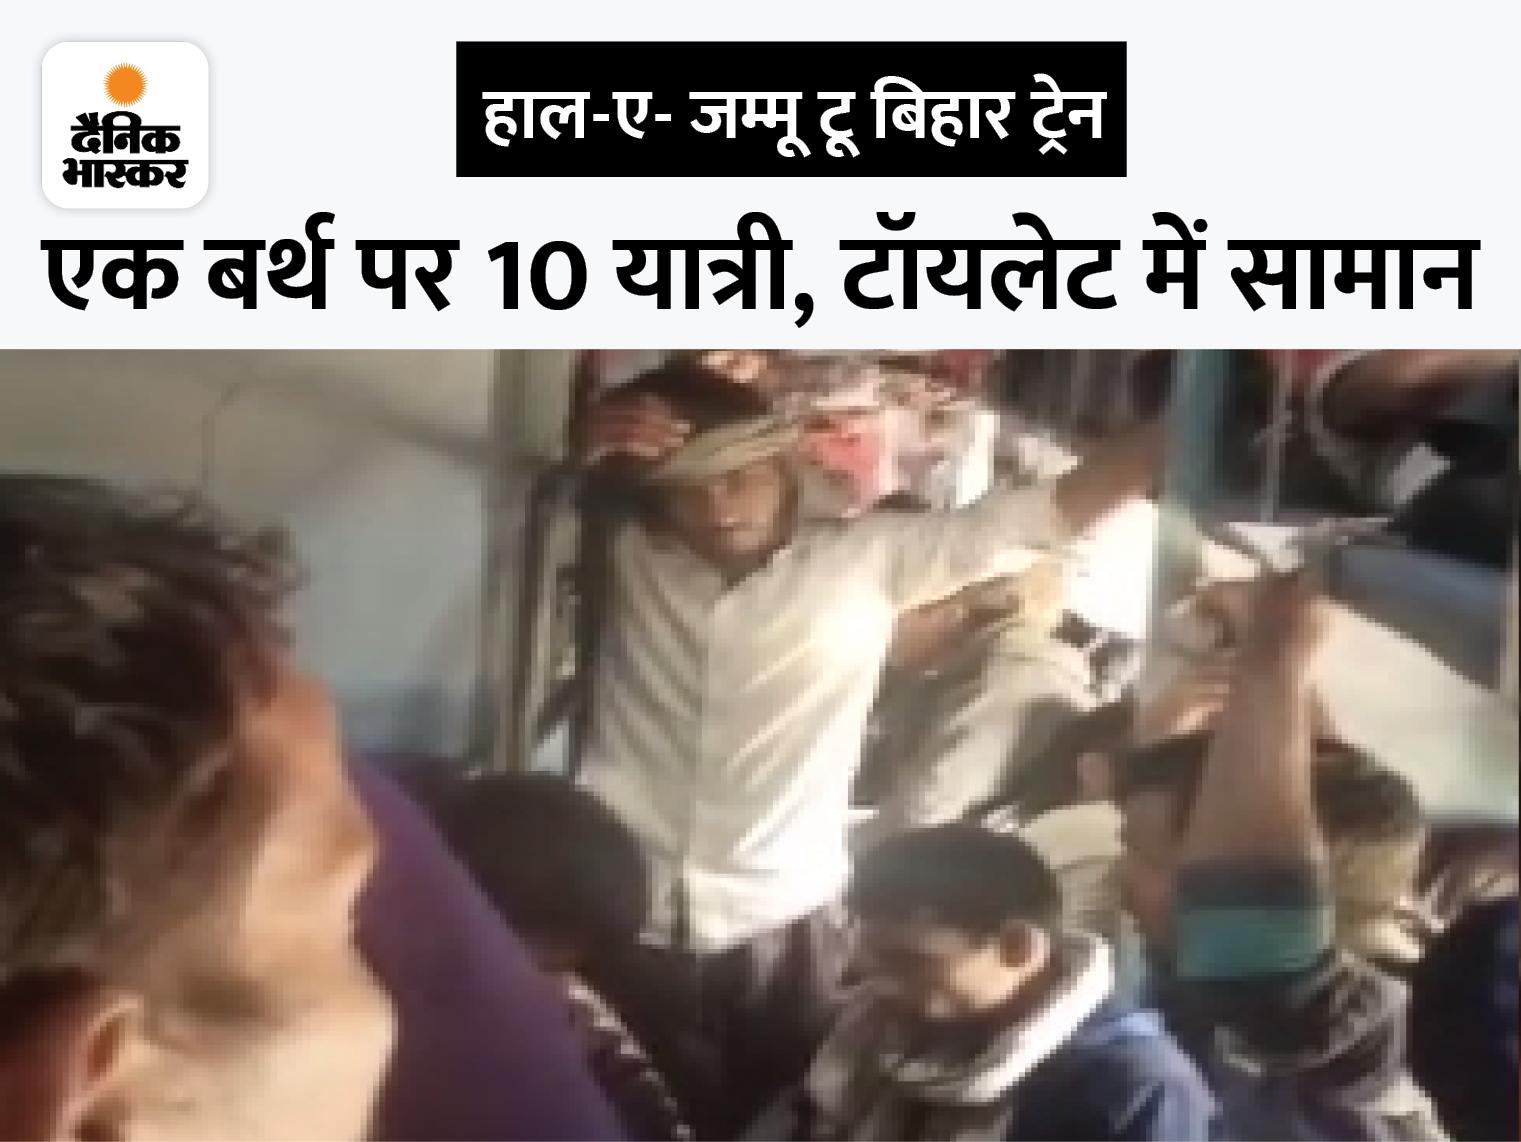 देखिए बिहारियों में आतंकियों का खौफ, जम्मू से बिहार आने वाली ट्रेनें फुल|पटना,Patna - Dainik Bhaskar